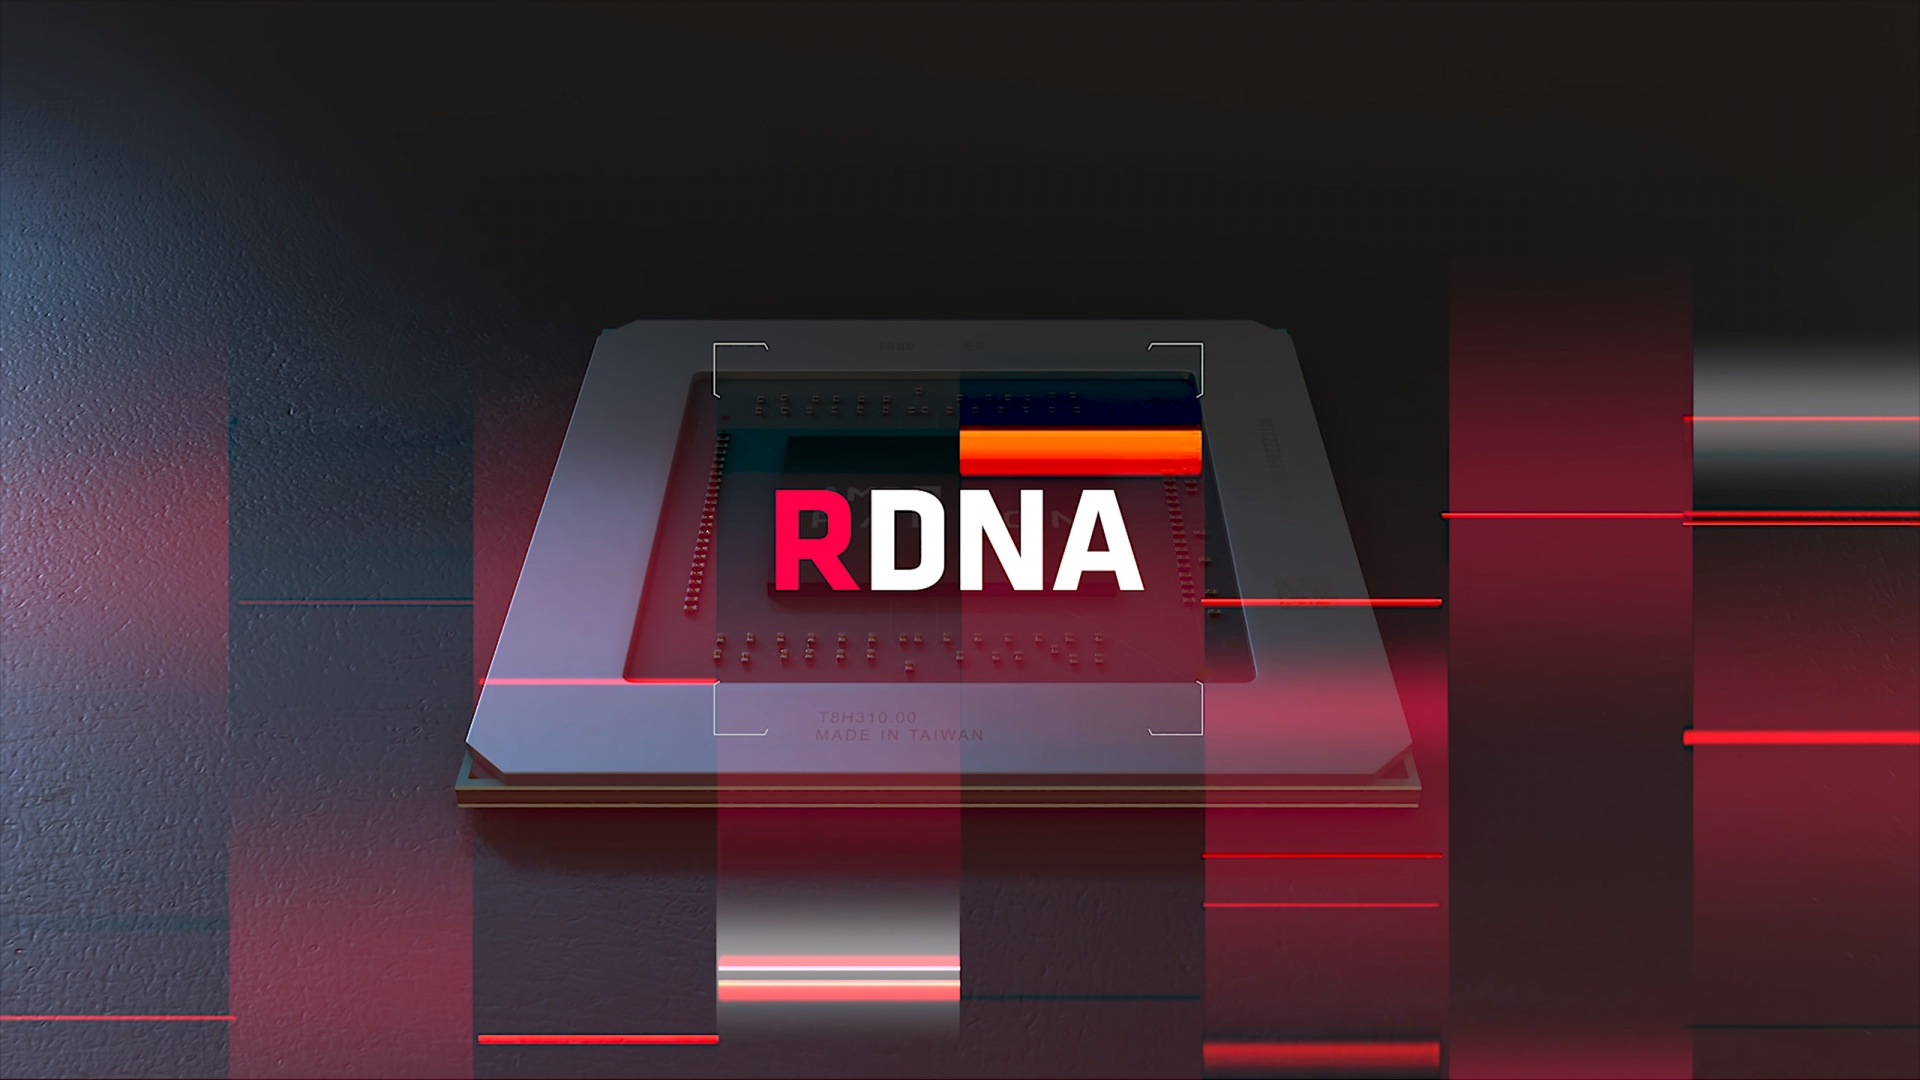 Названы предполагаемые характеристики 7-нм видеочипа AMD Navi14